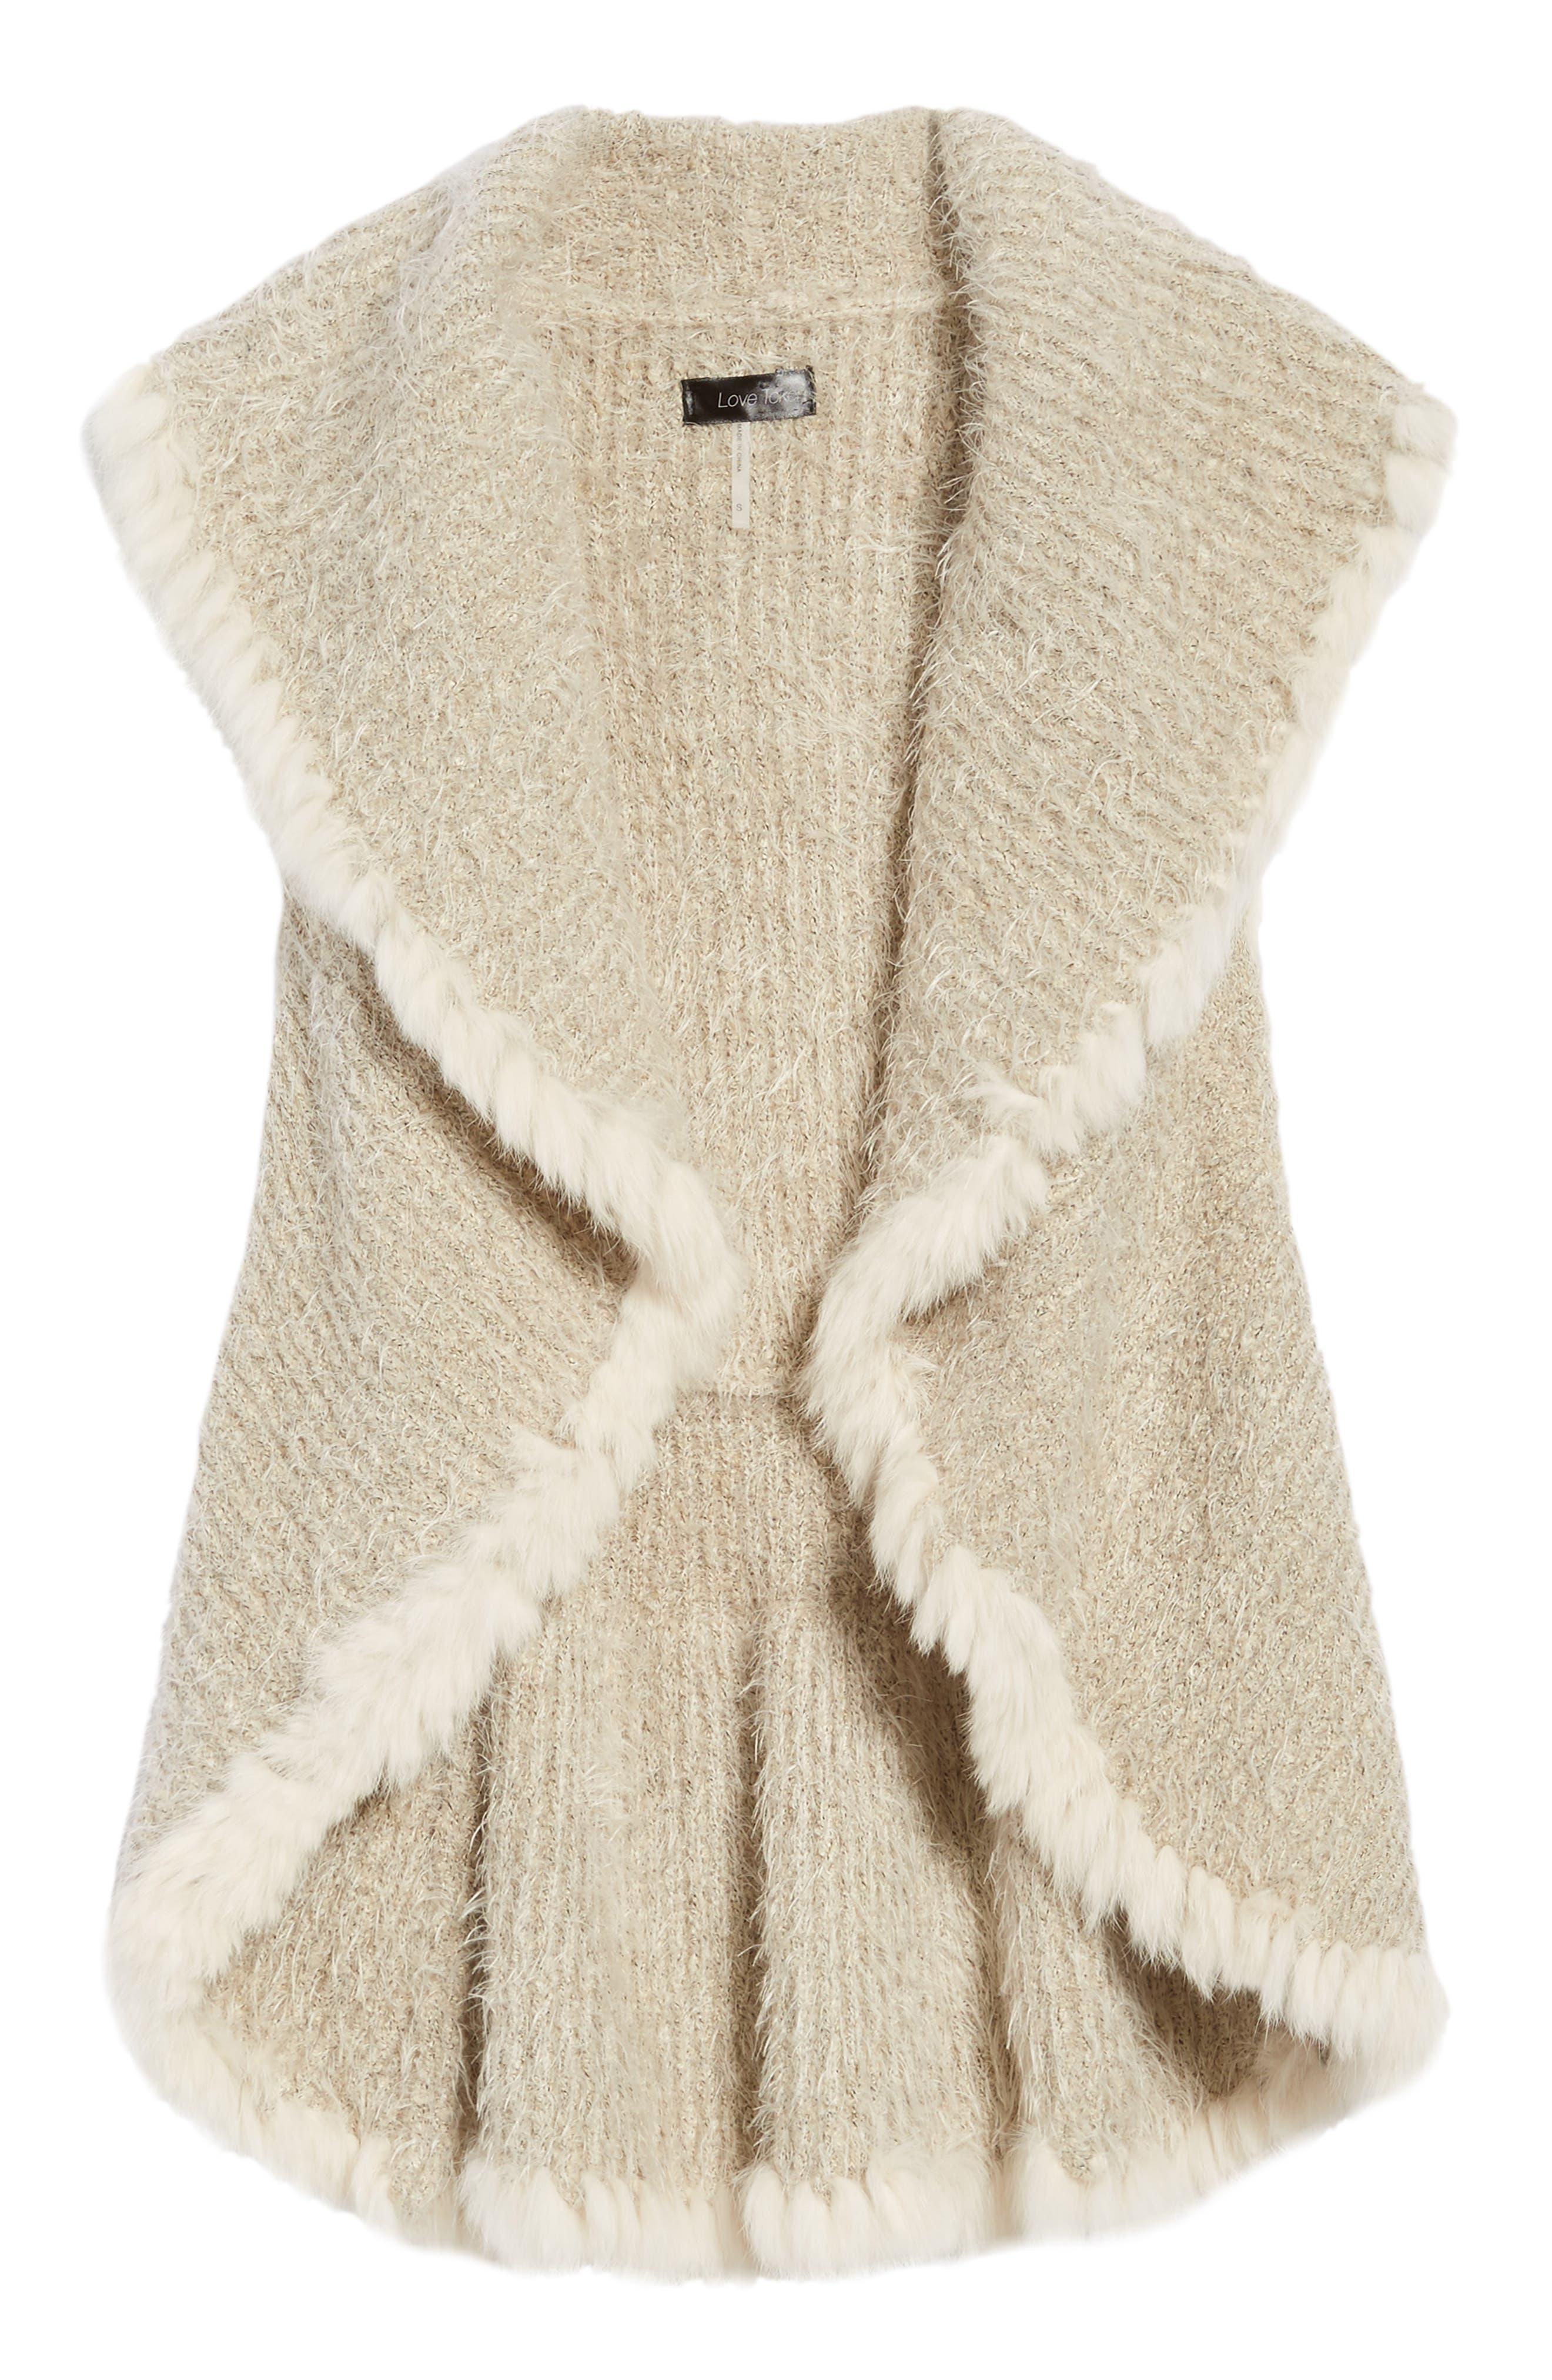 Knit Vest with Genuine Rabbit Fur Trim,                             Alternate thumbnail 15, color,